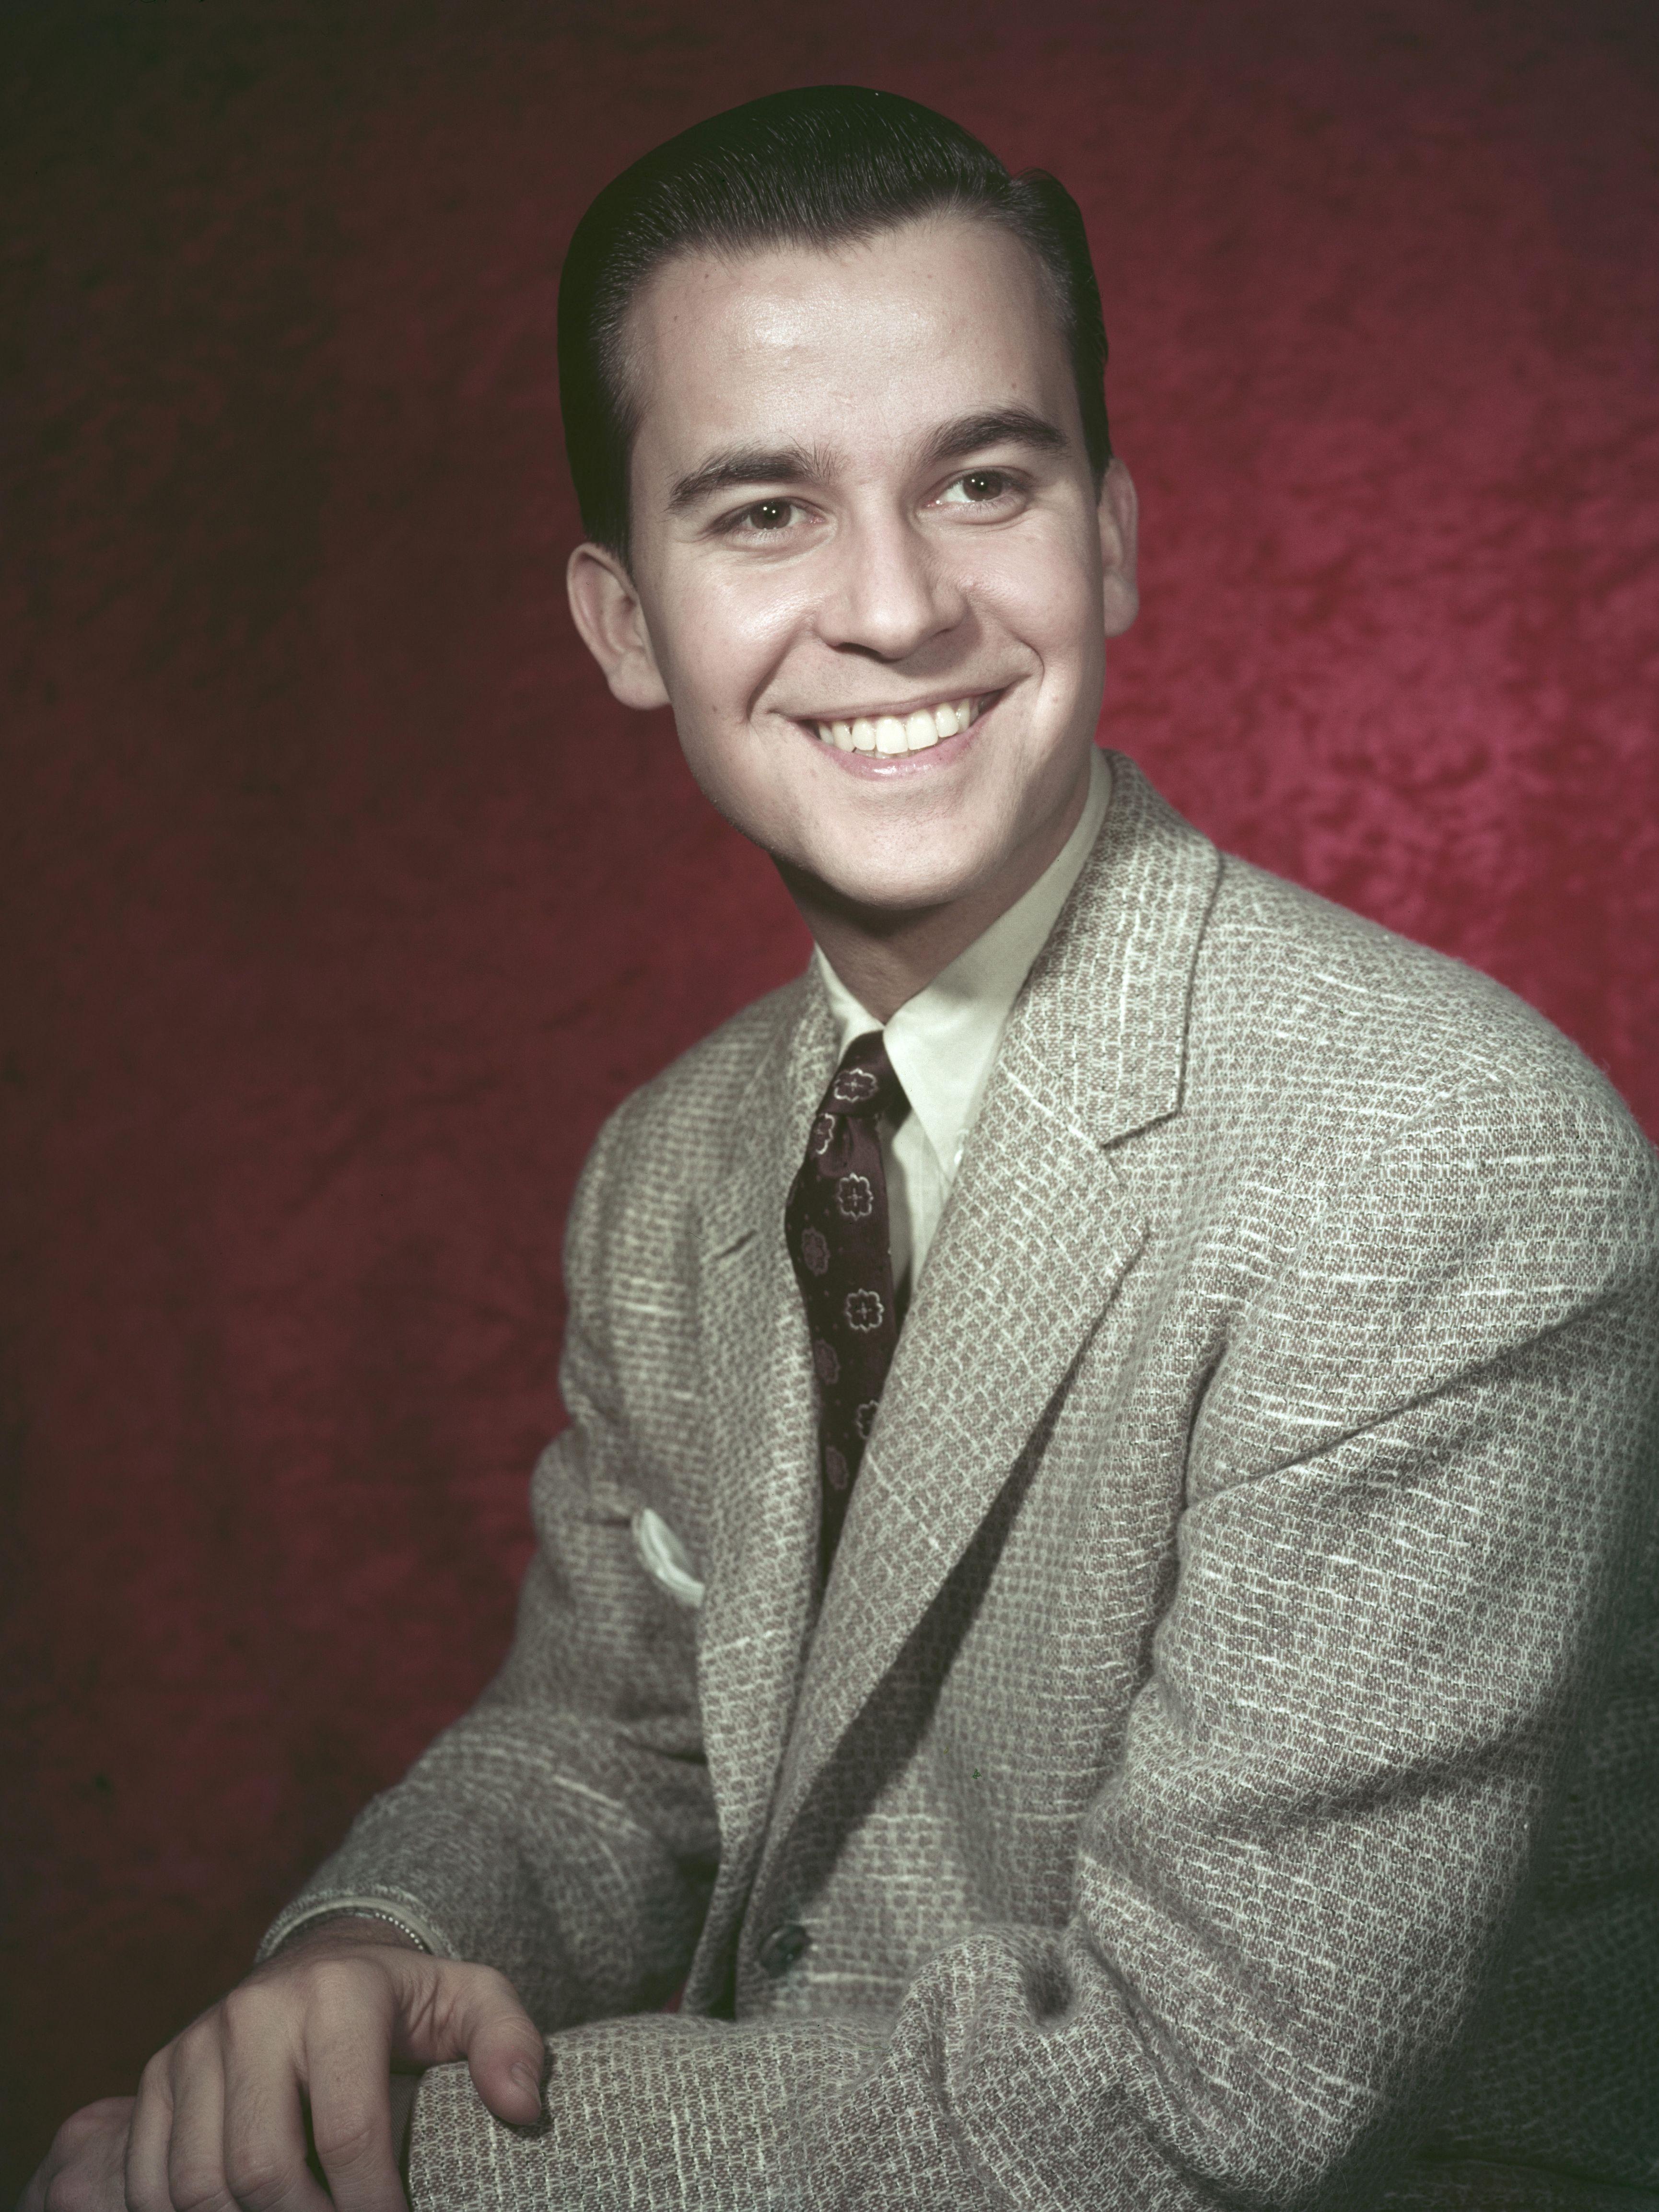 Clark circa 1955.